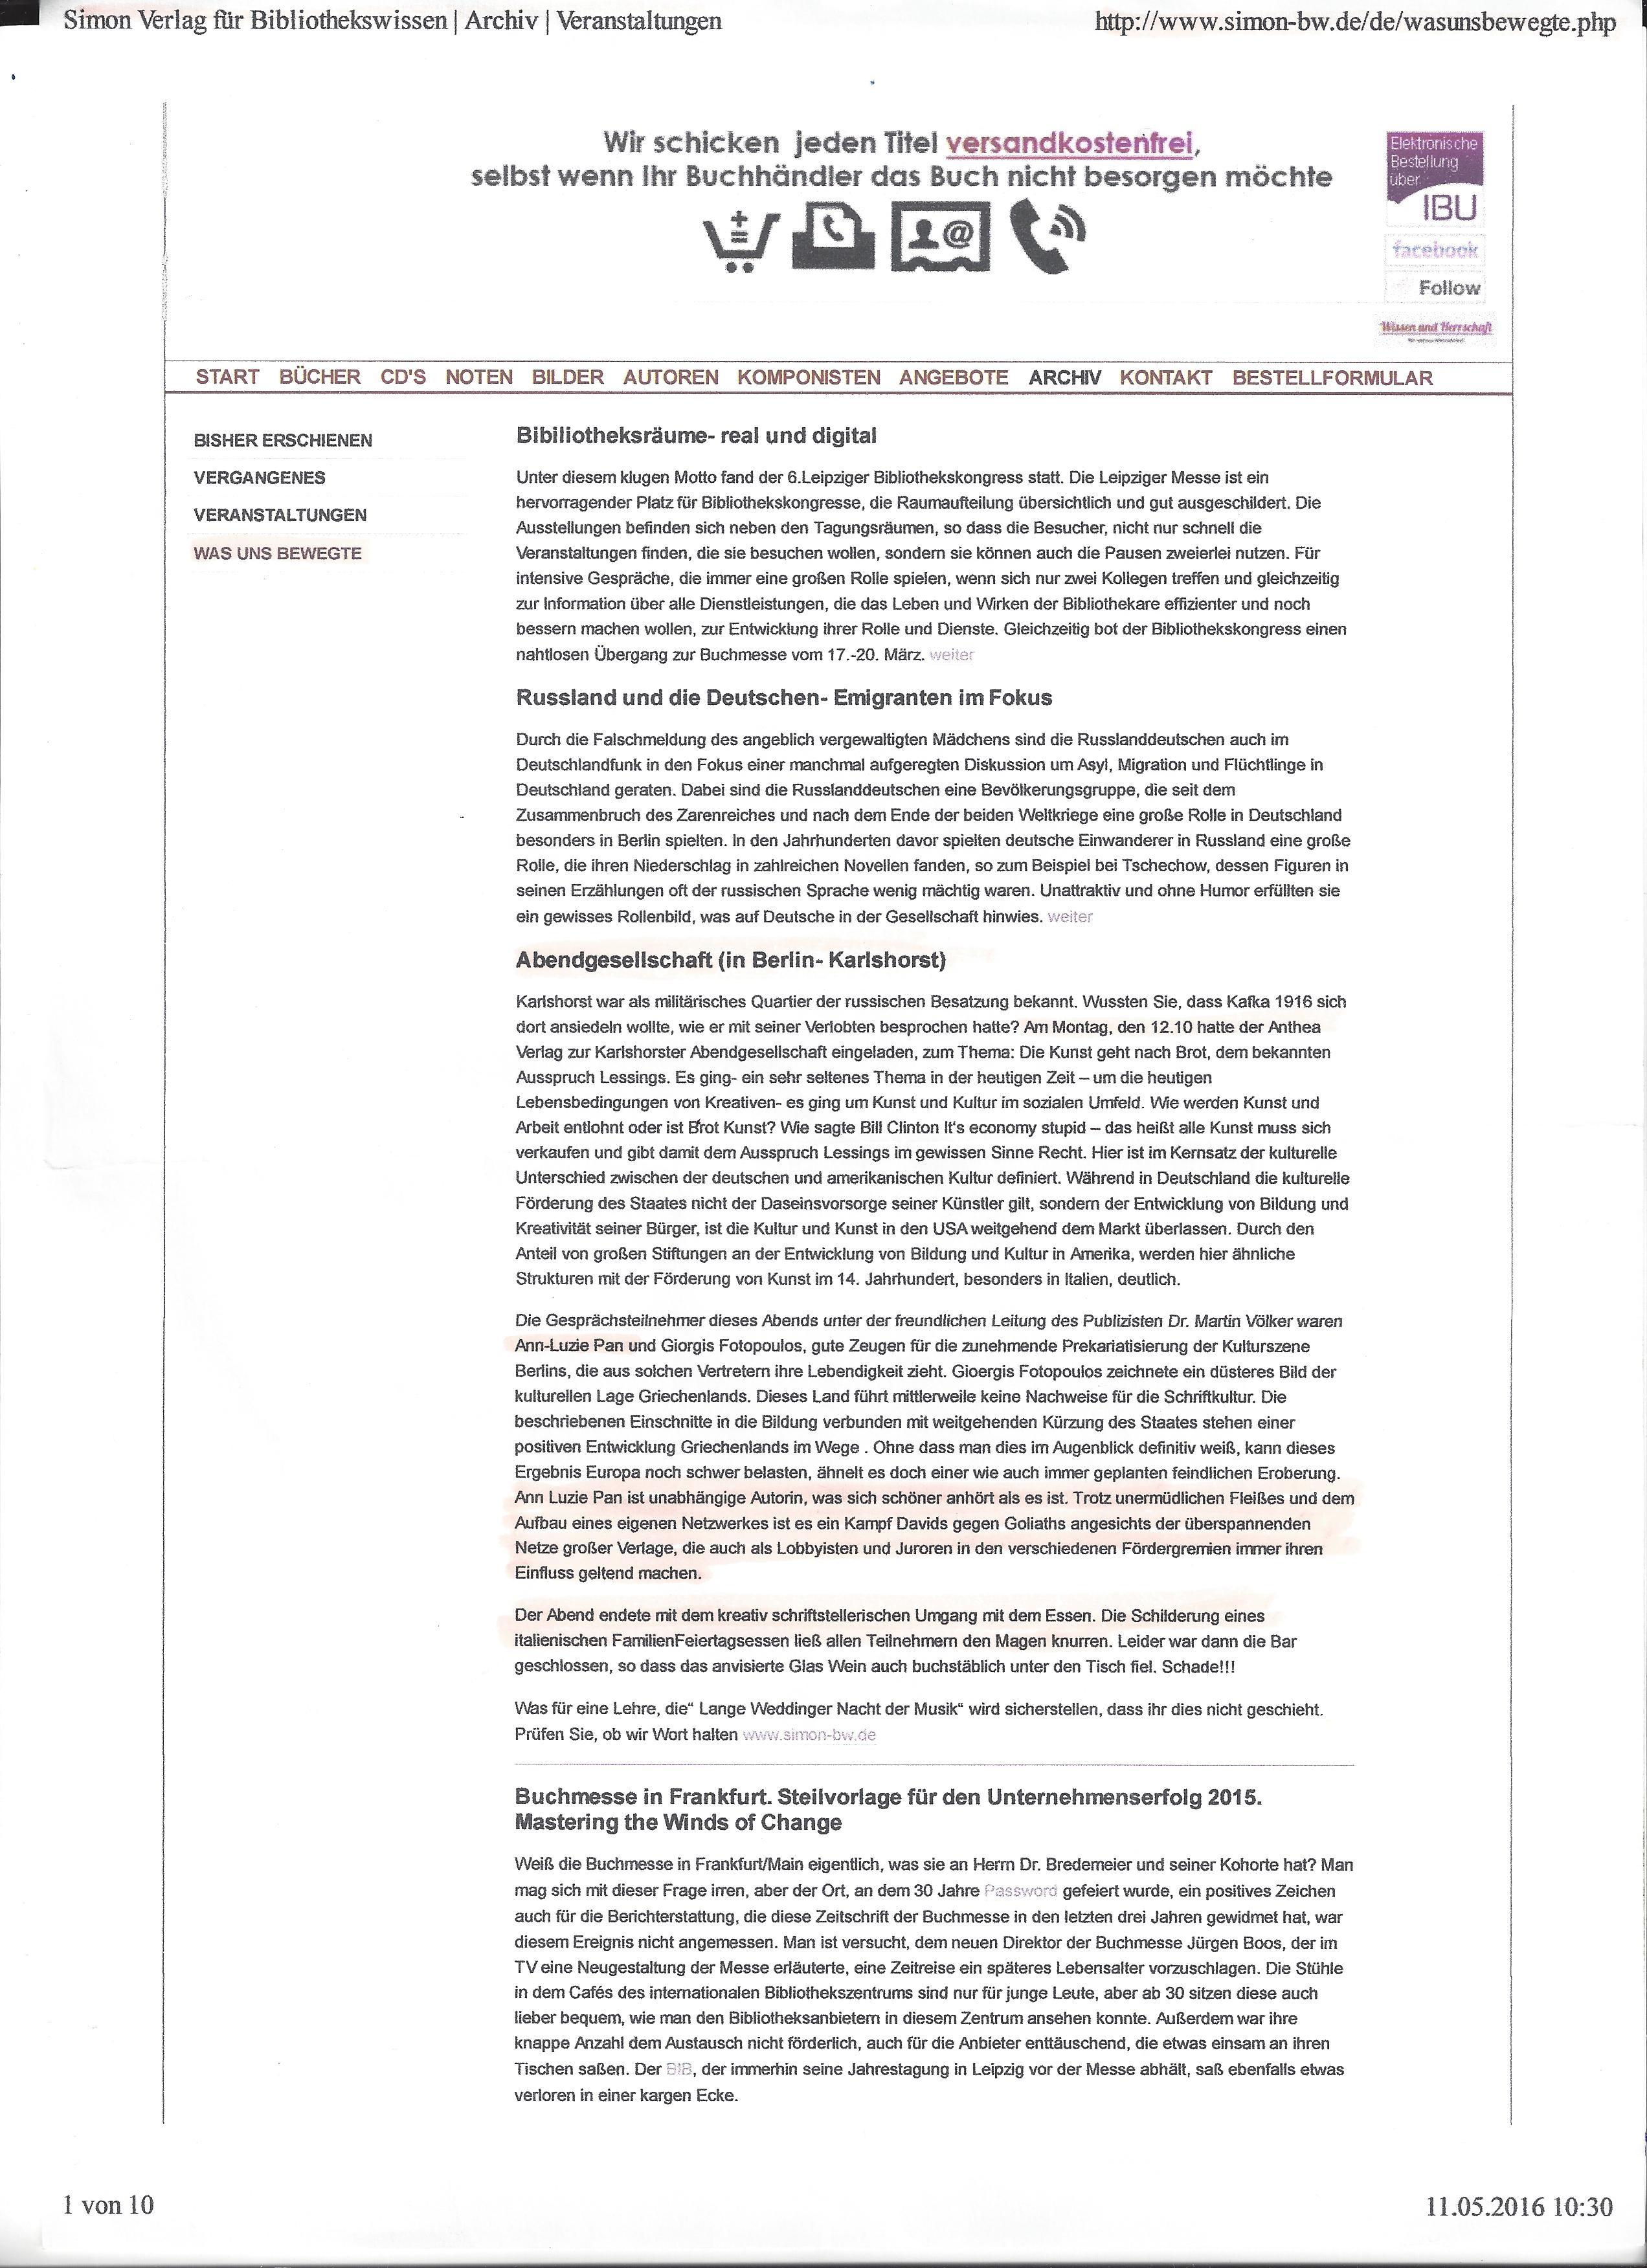 Simon-Verlag-Artikel